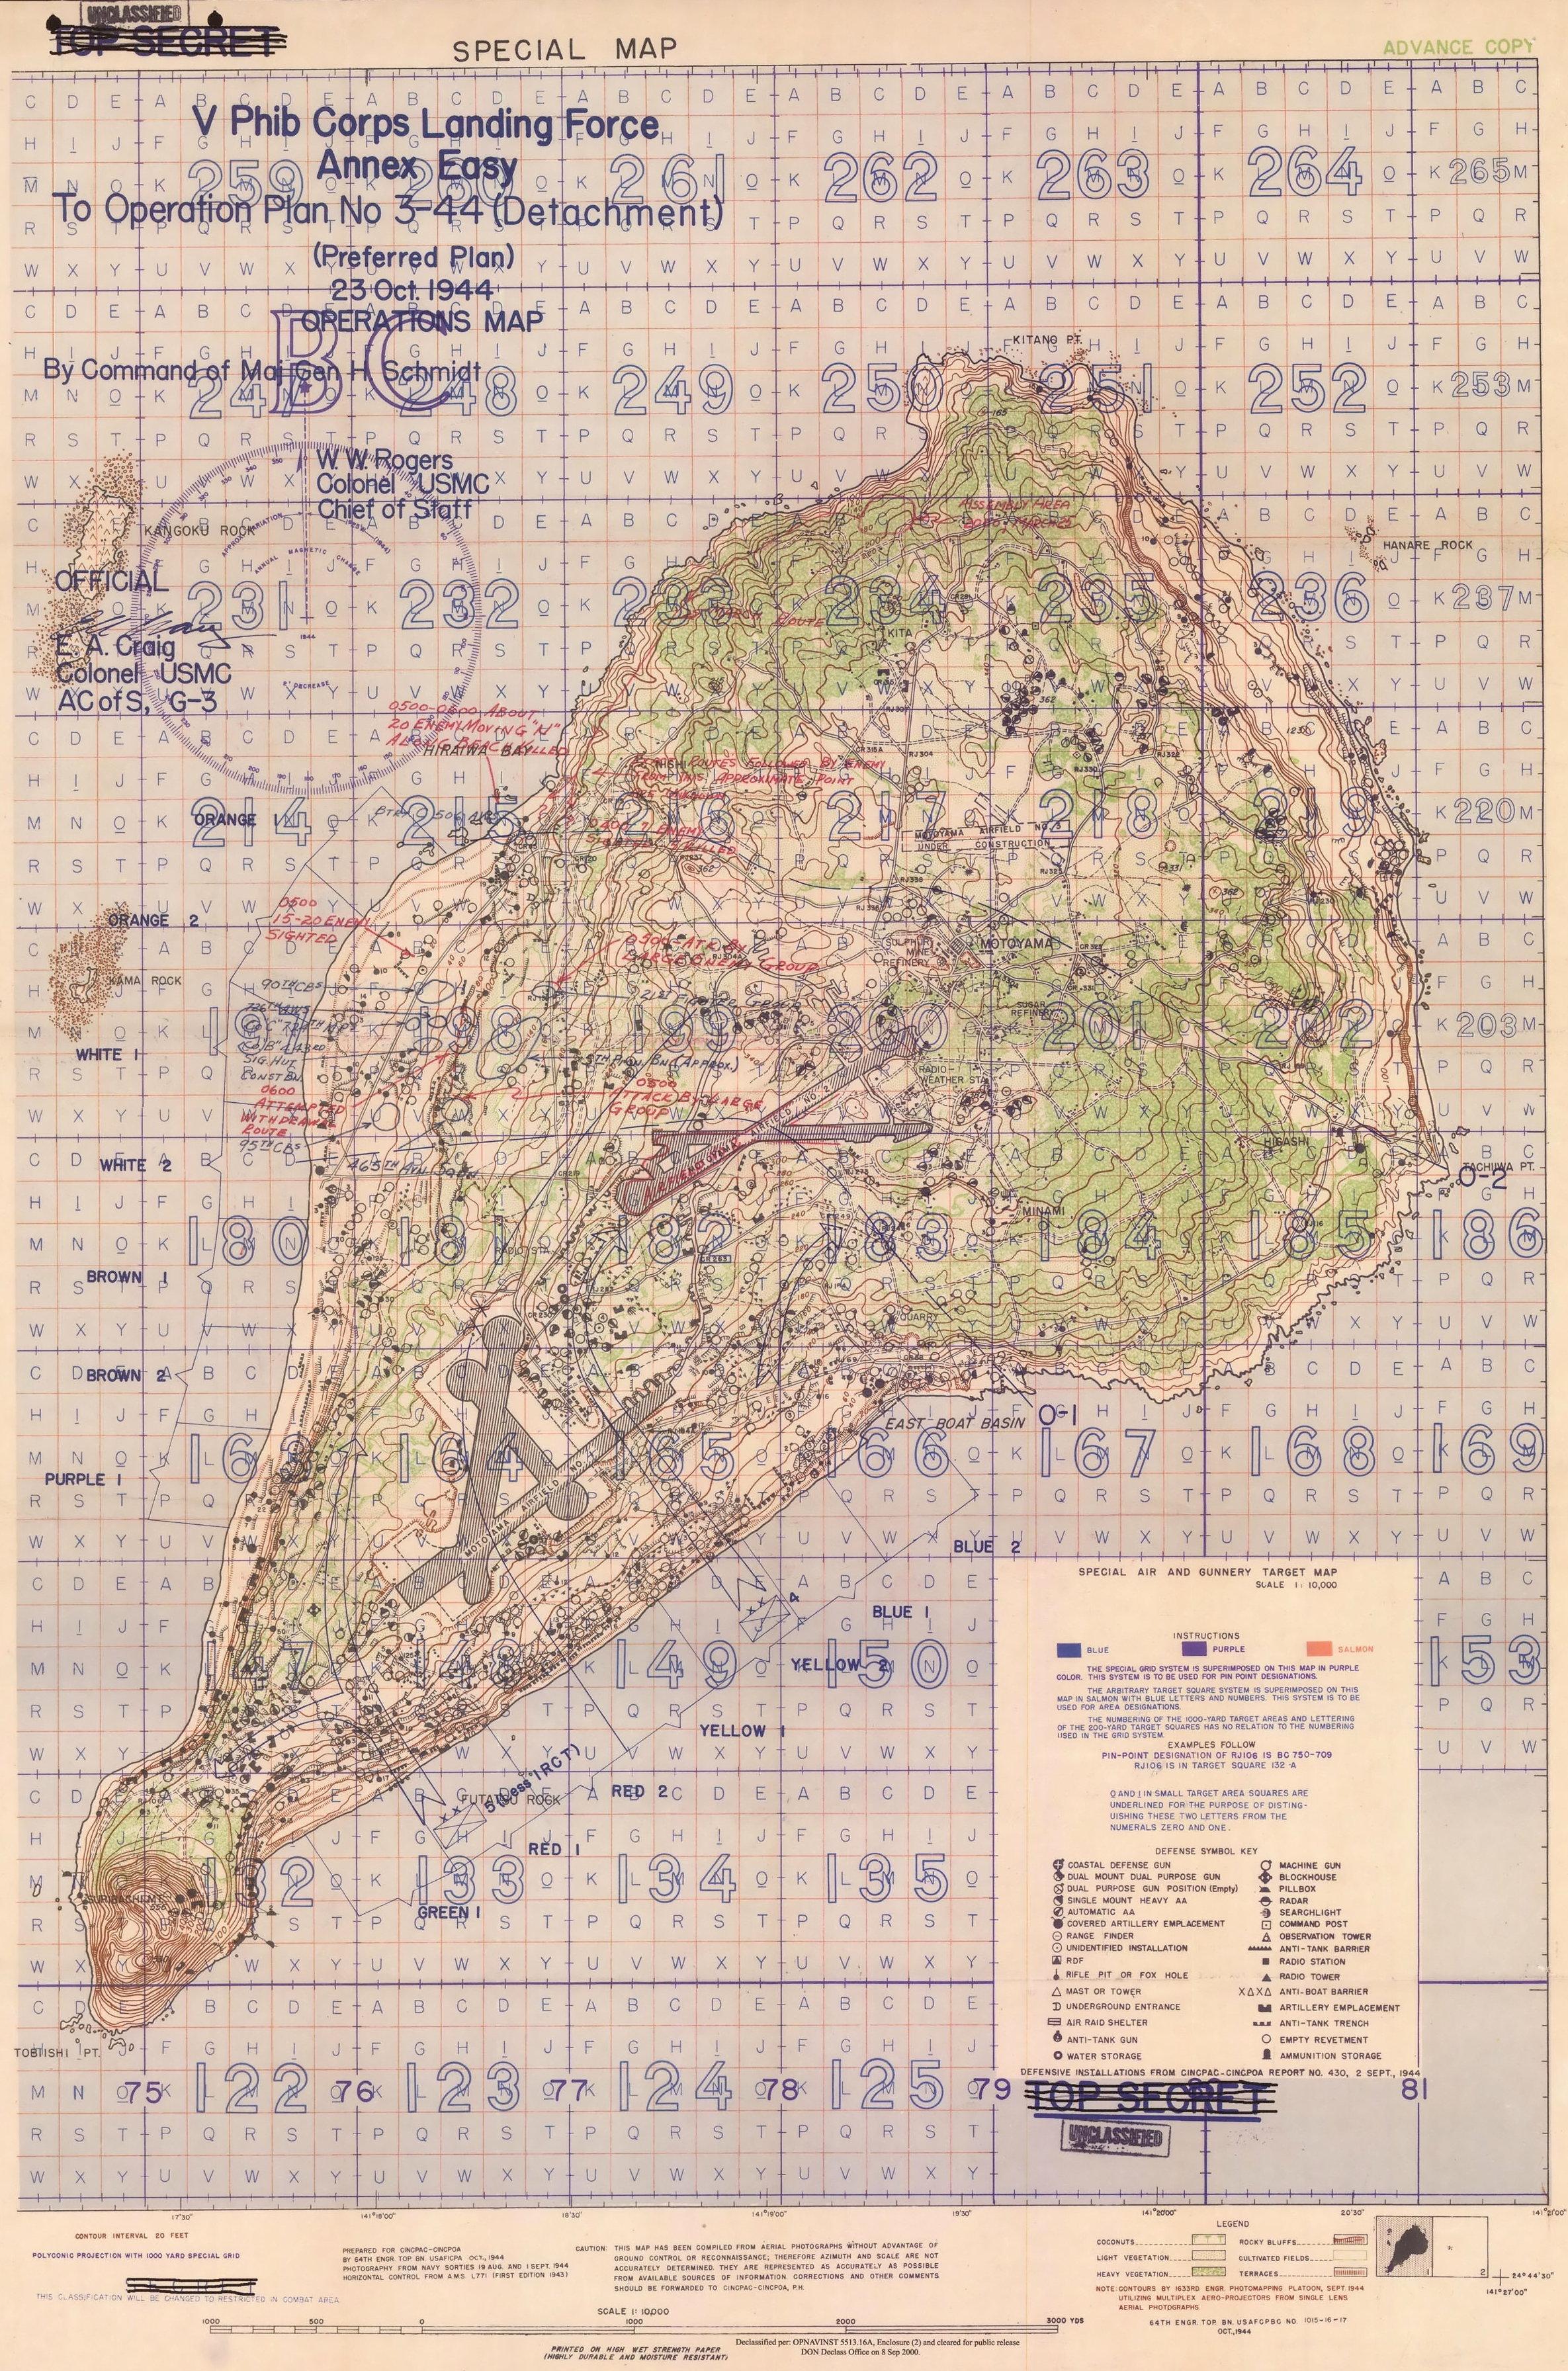 fileiwo jima historical map (poster)  wikimedia commons - fileiwo jima historical map (poster)